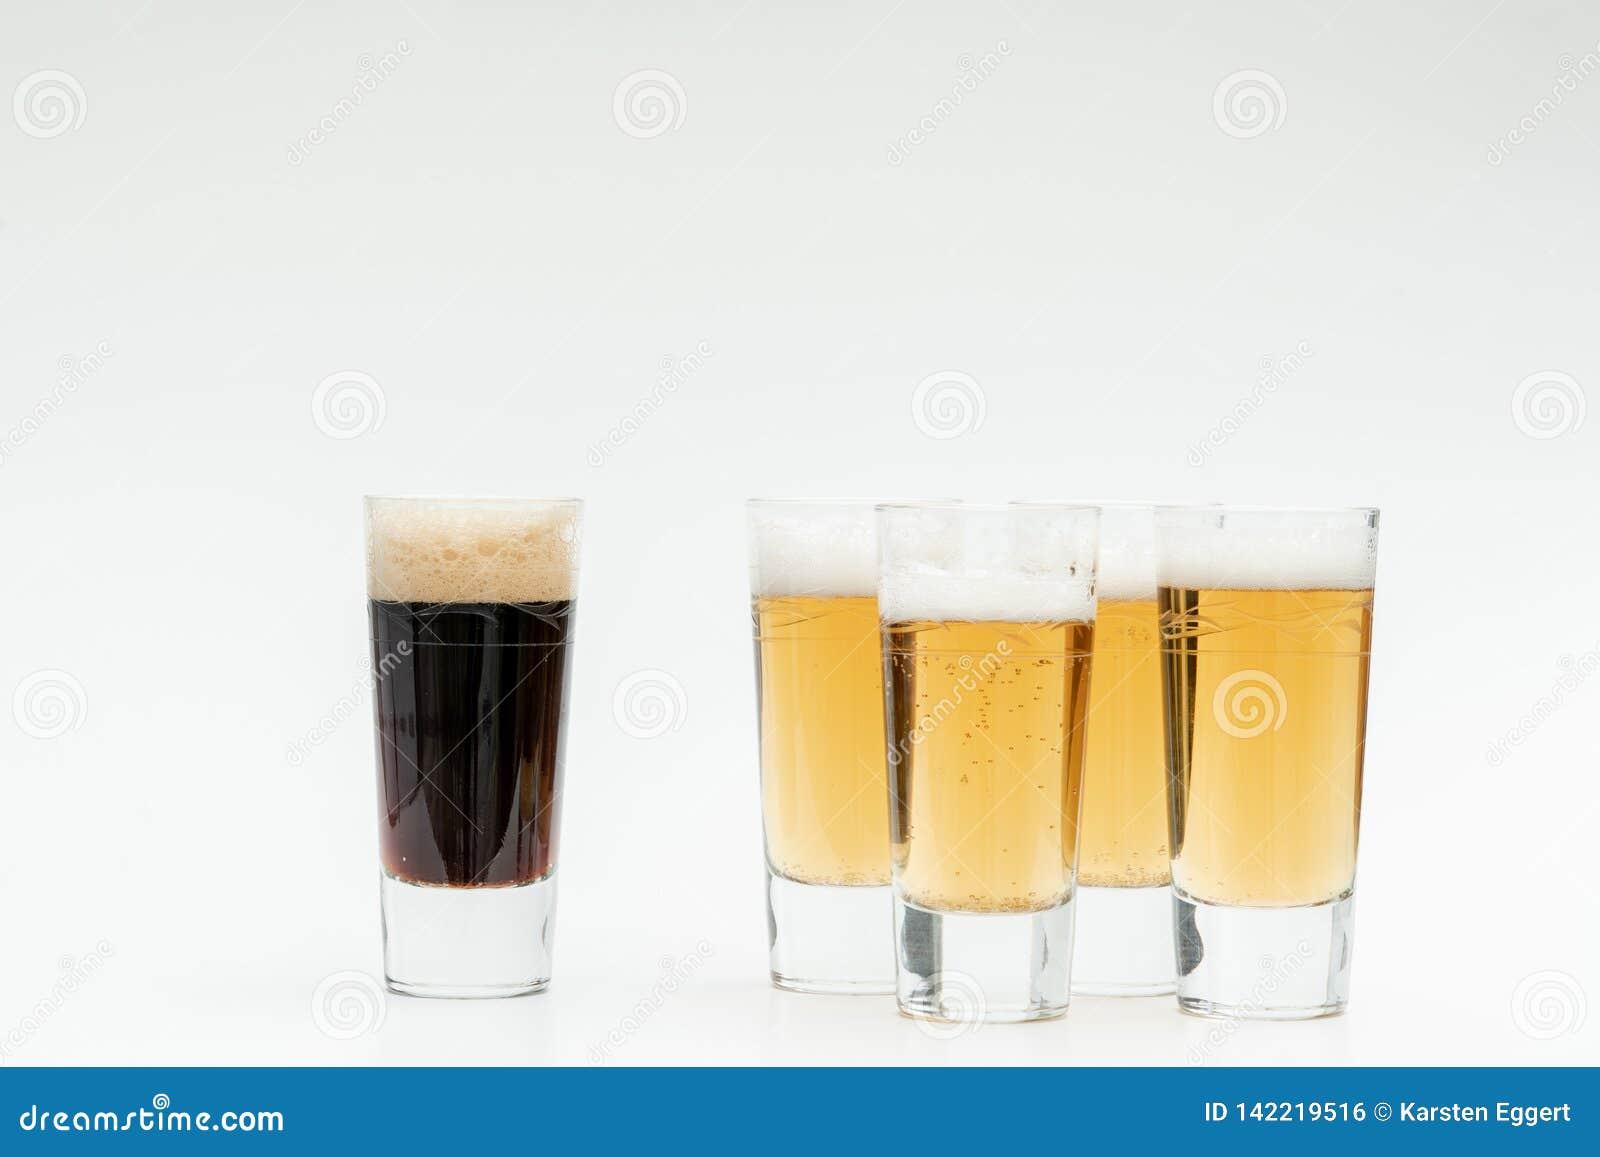 5 verres de bière symbolisent la diversité